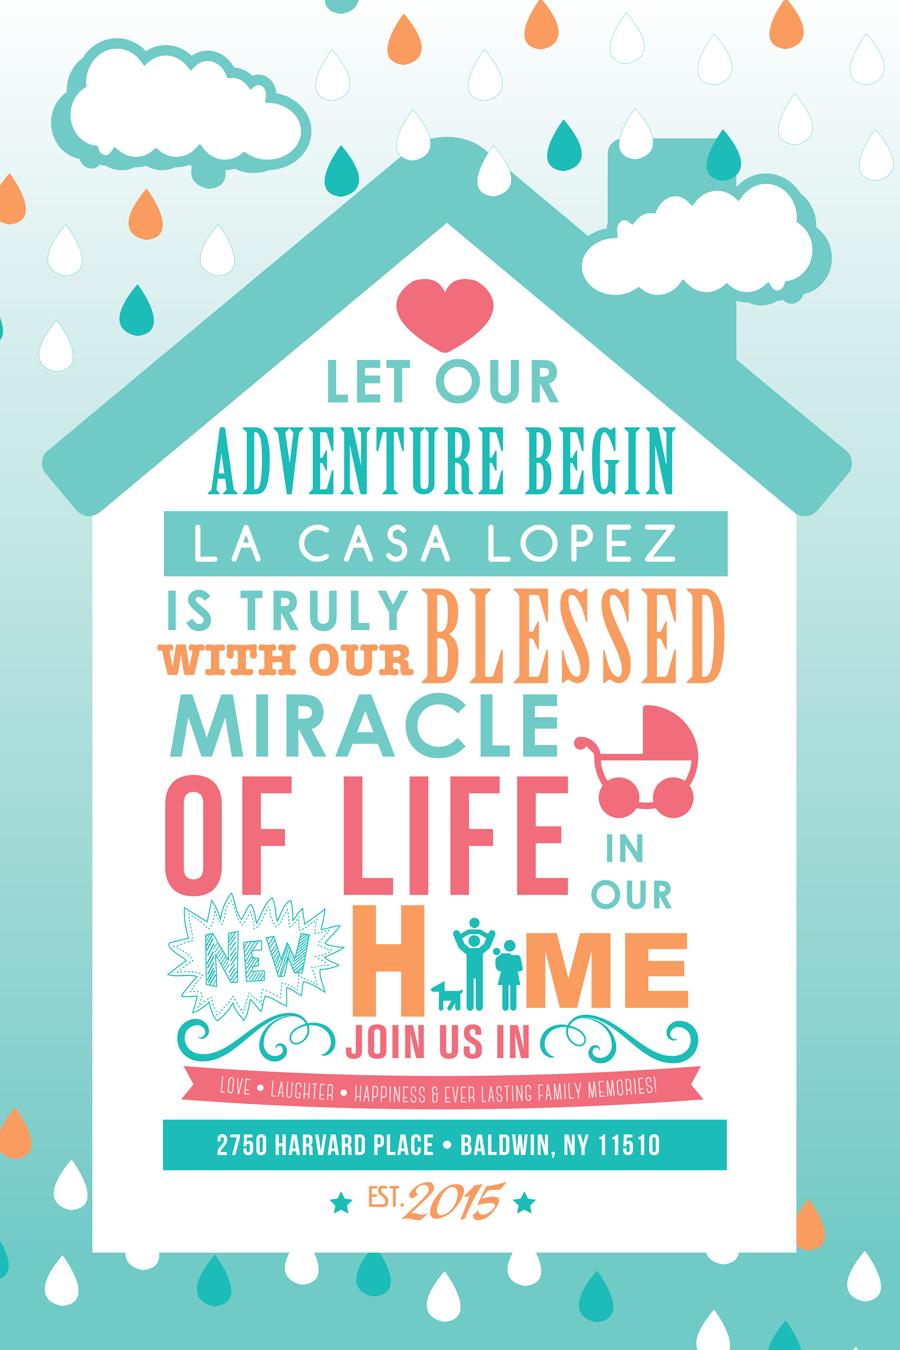 LaCasaLopez_Poster_02.jpg